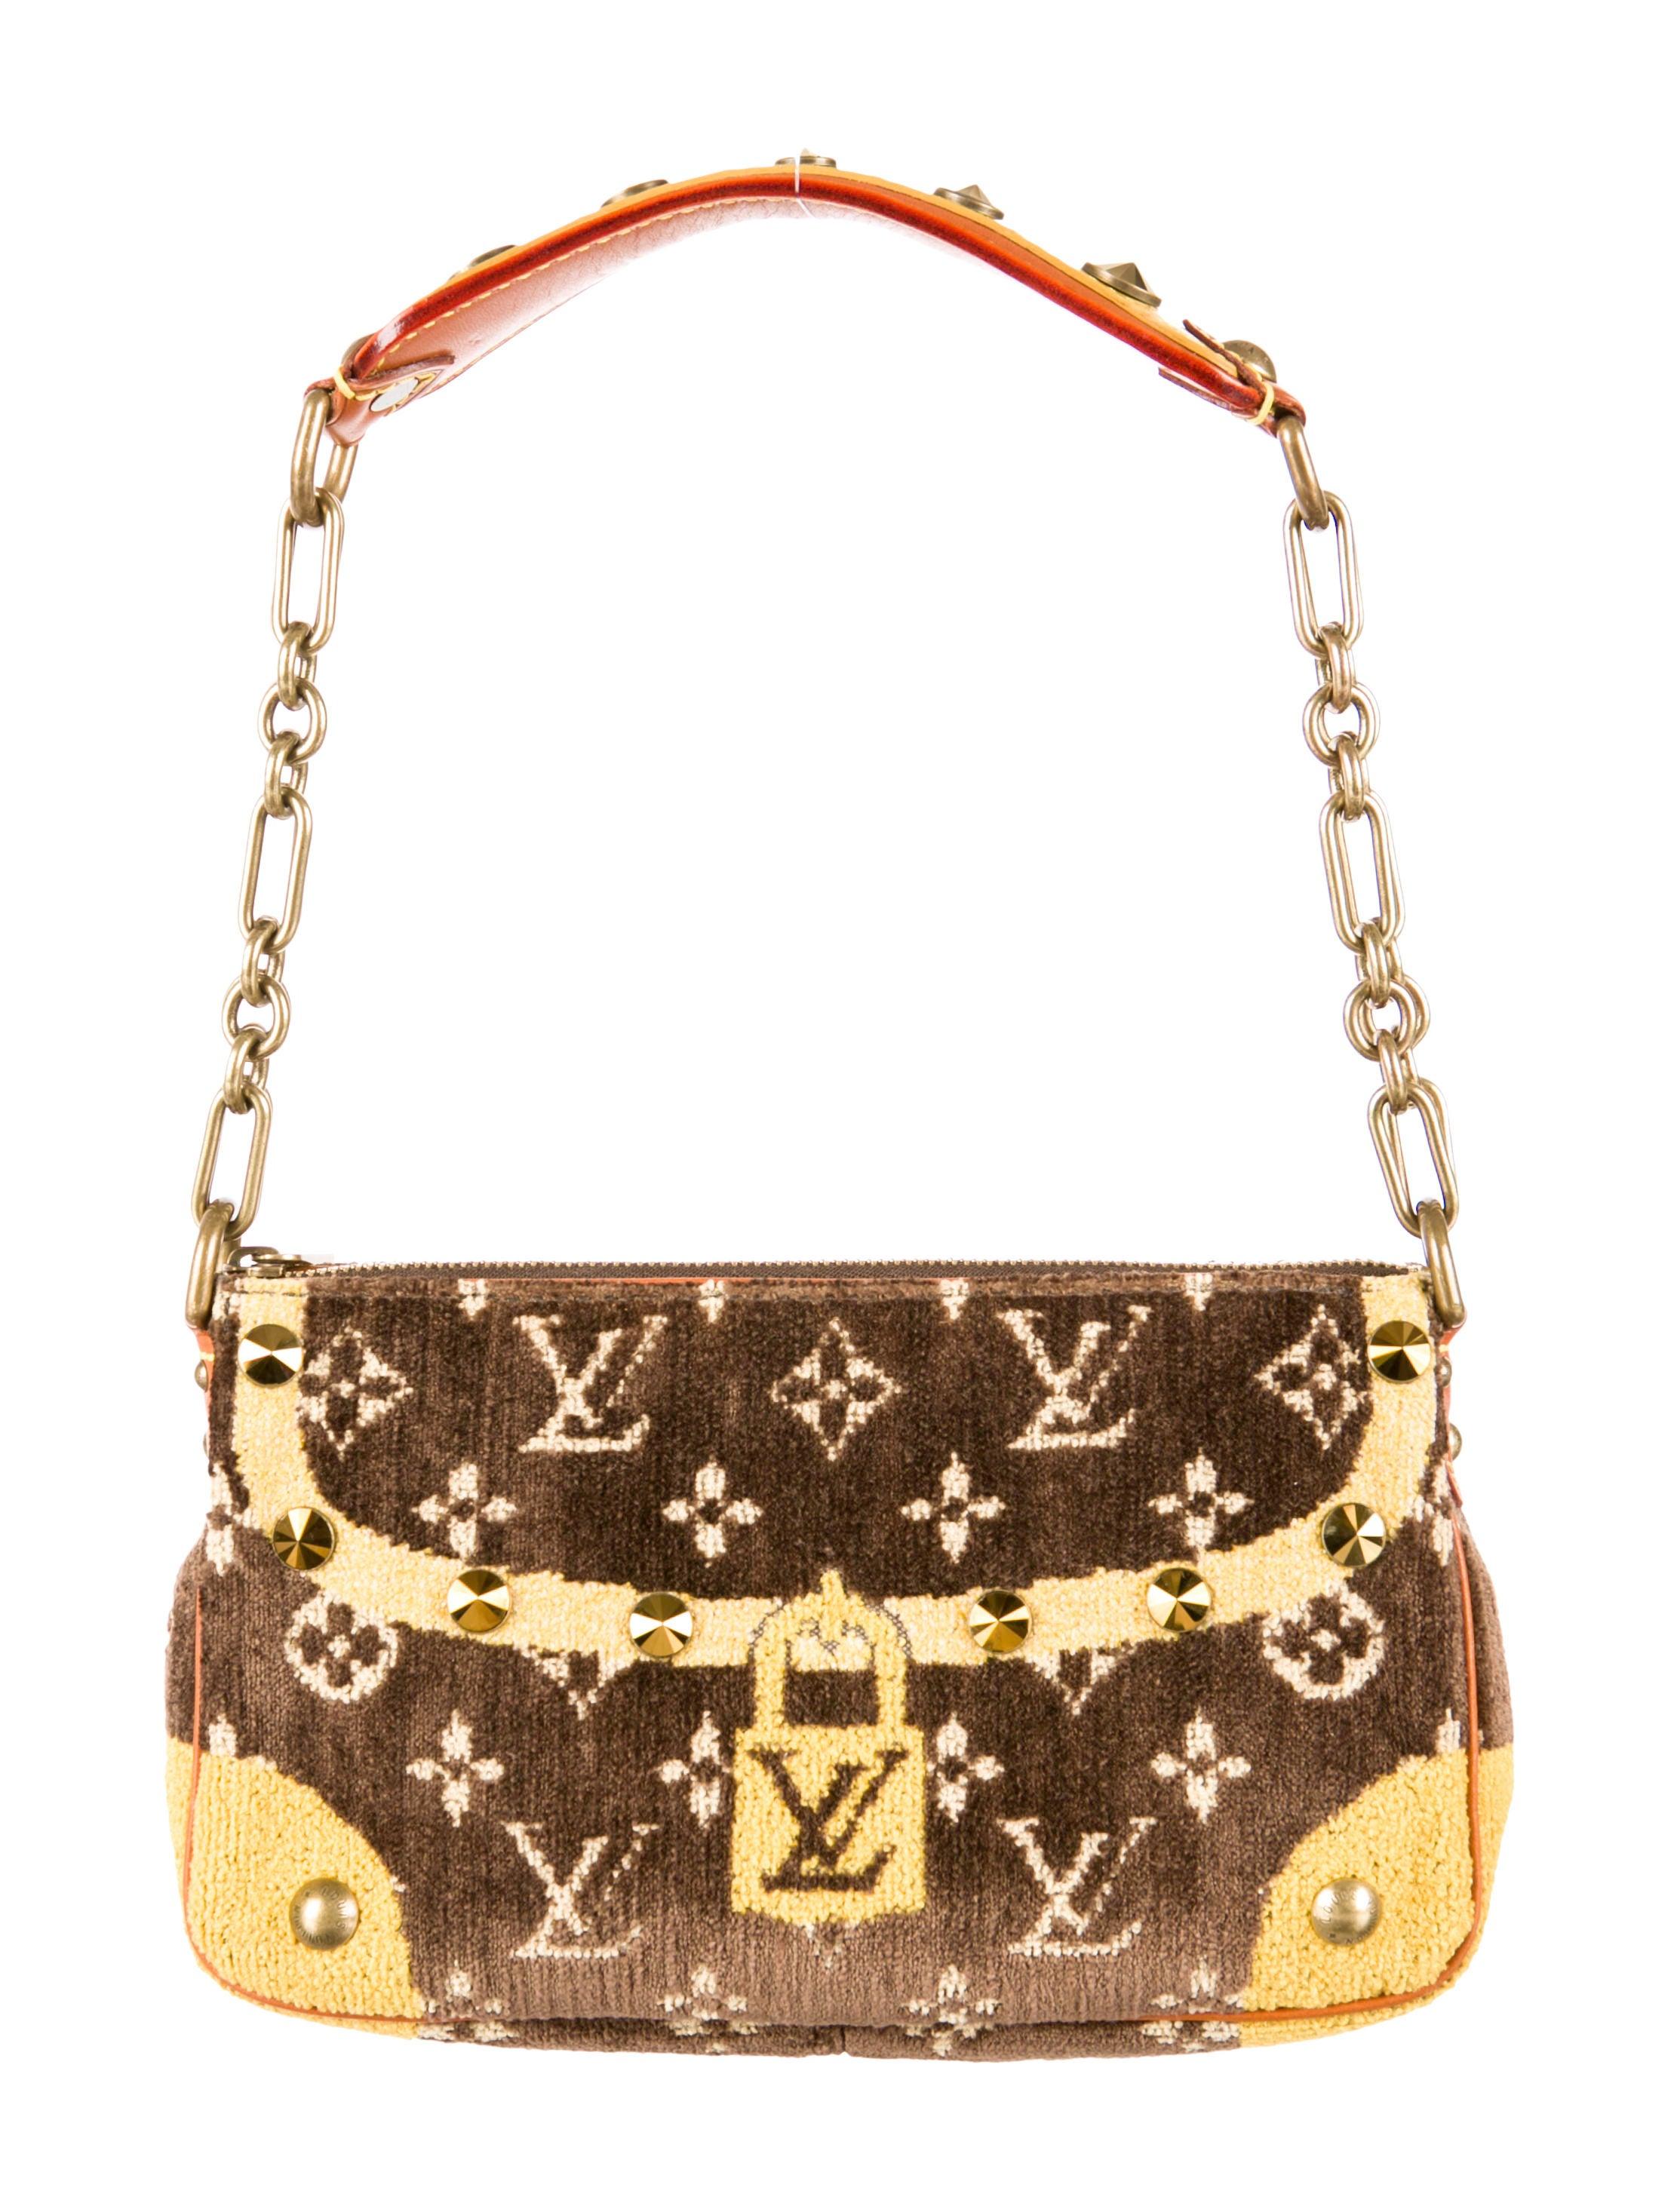 61044c80ee85 Louis Vuitton Trompe L oeil Pochette - Handbags - LOU48230